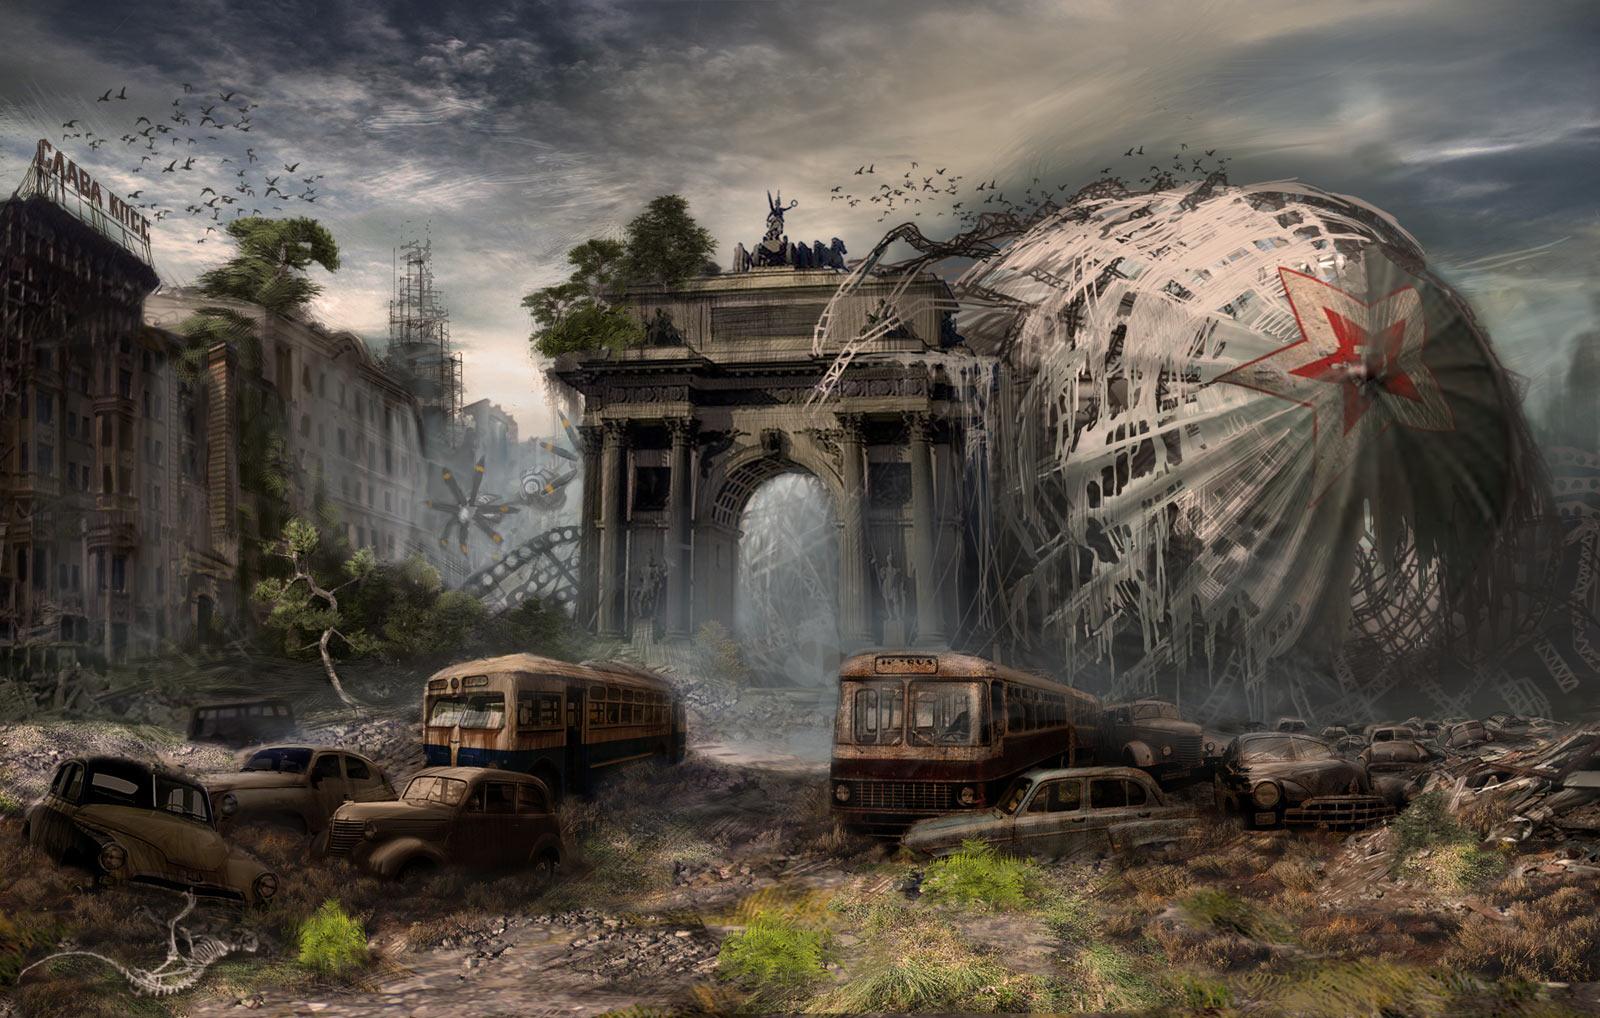 Ролевая игра о мире после ядерной войны скачать онлайн бесплатно игру сталкер